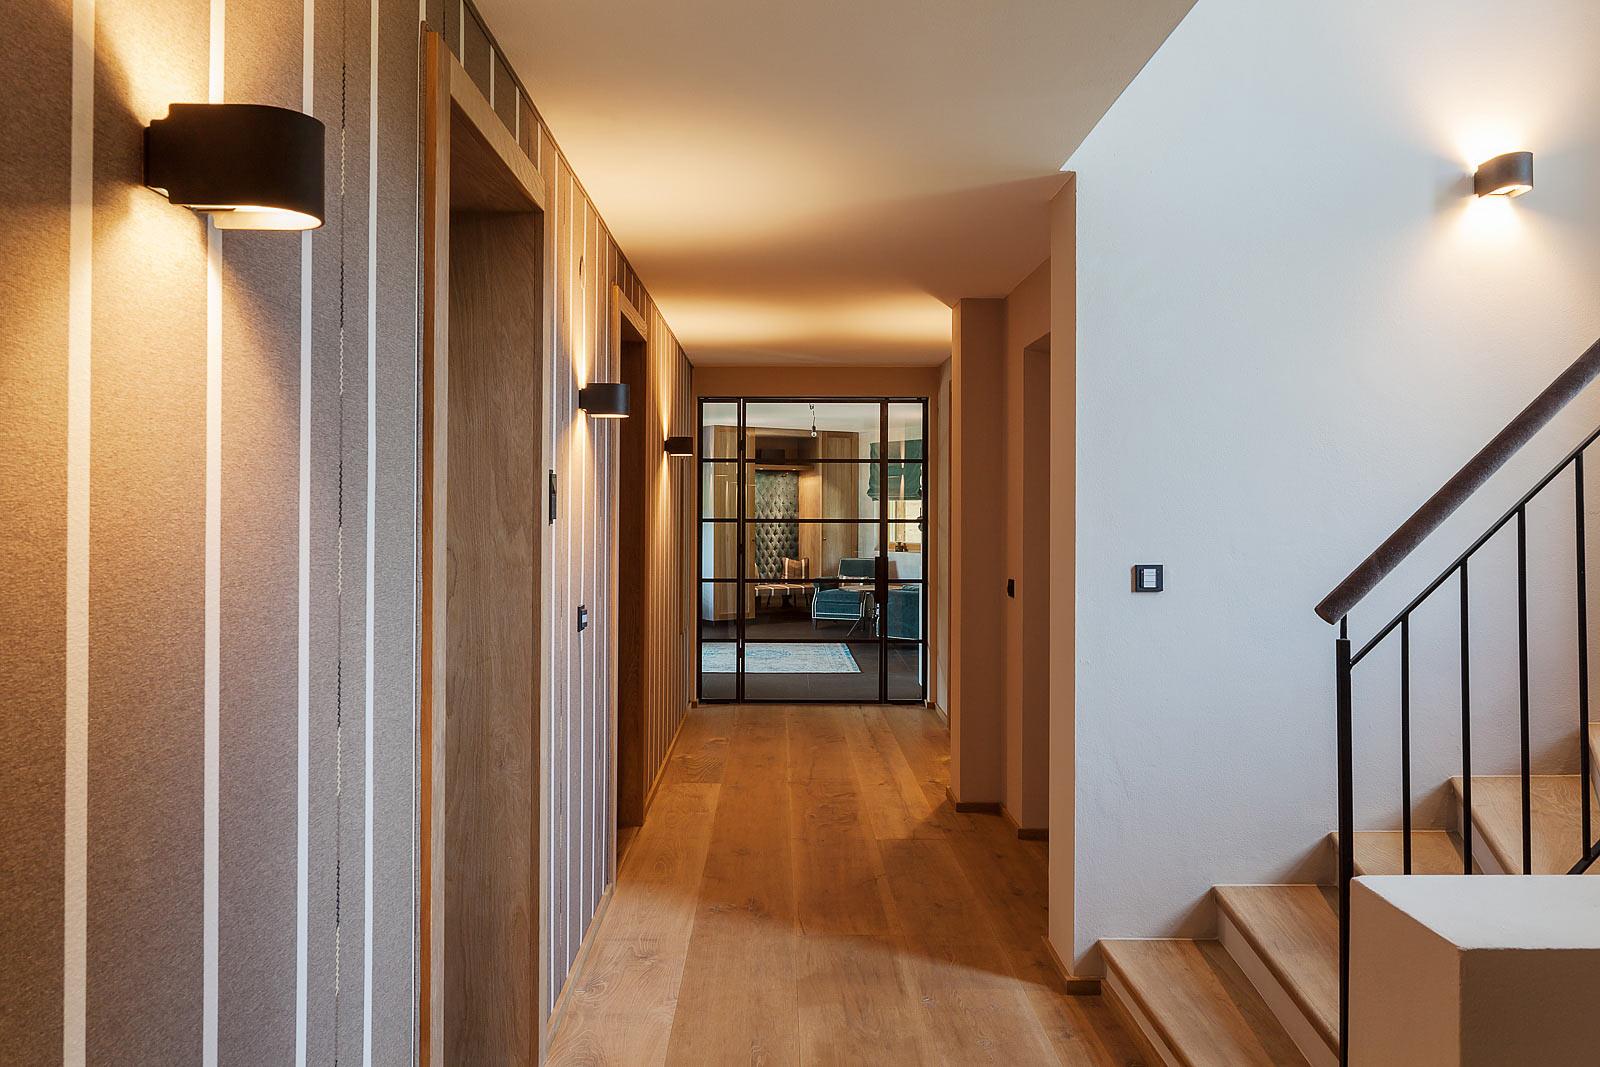 Fotografie luxus villa architekturfotograf gabriel for Luxus innenausstattung haus